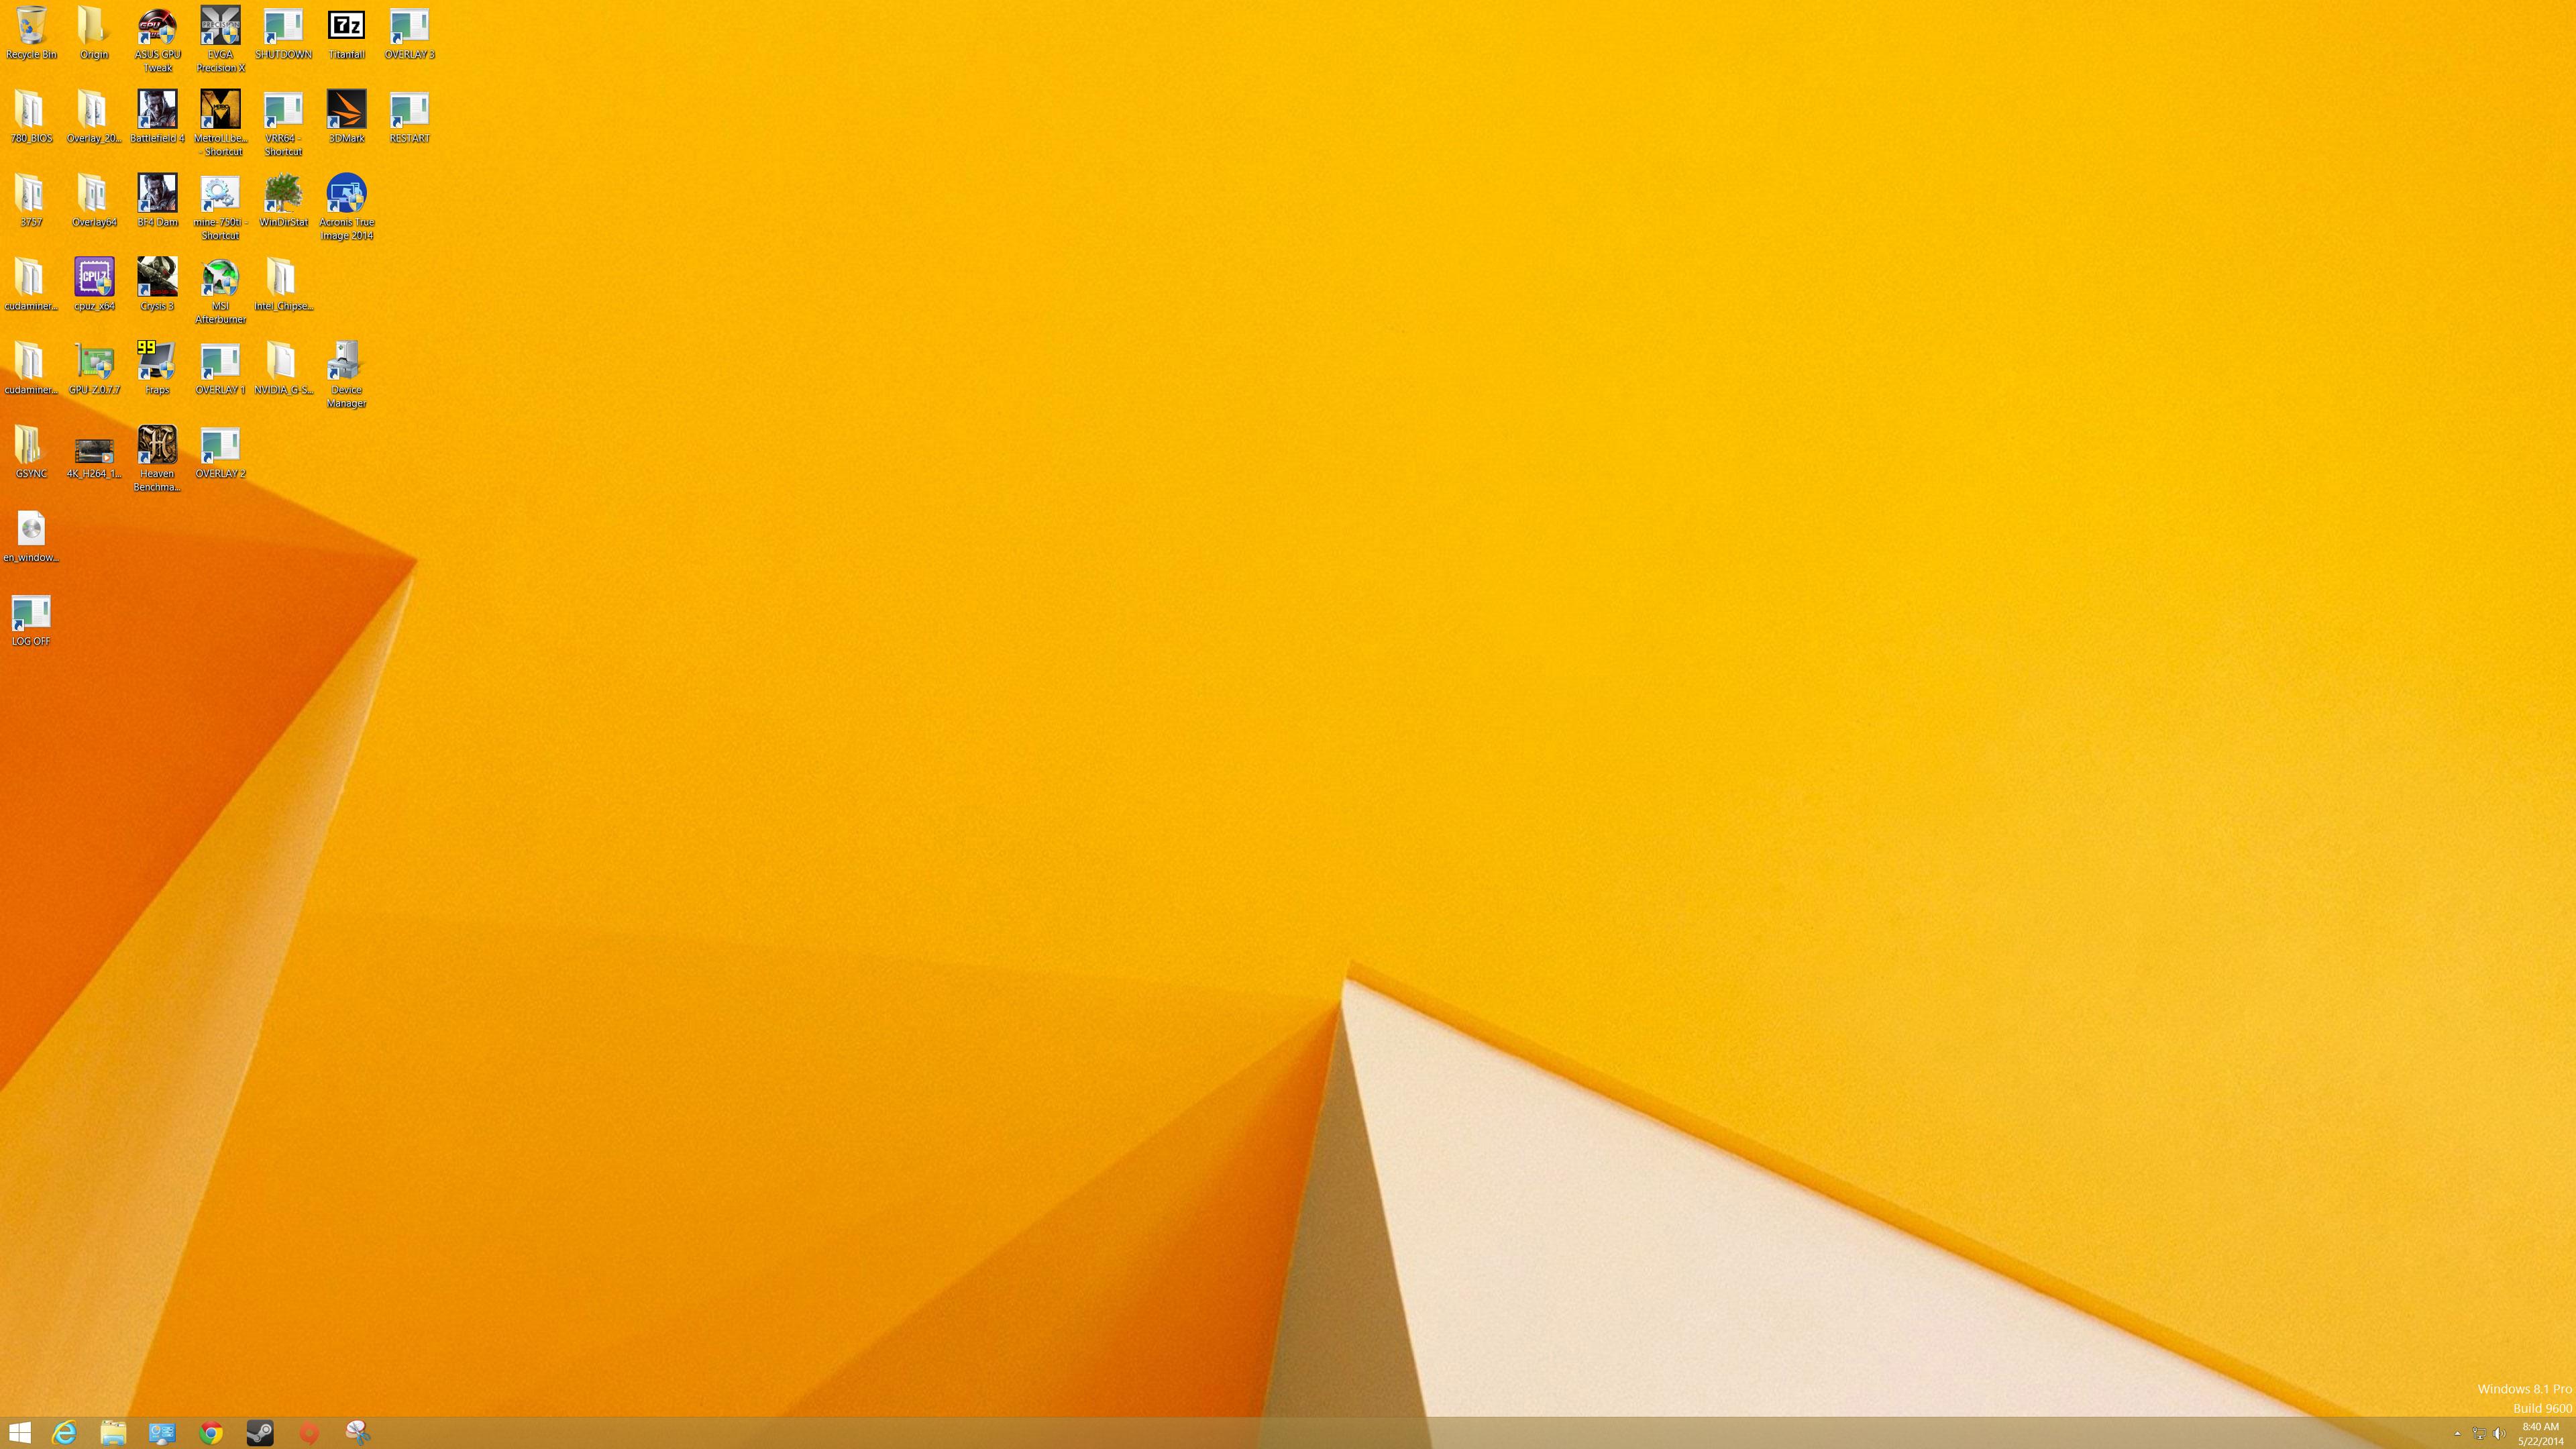 win81-size2desktop.jpg